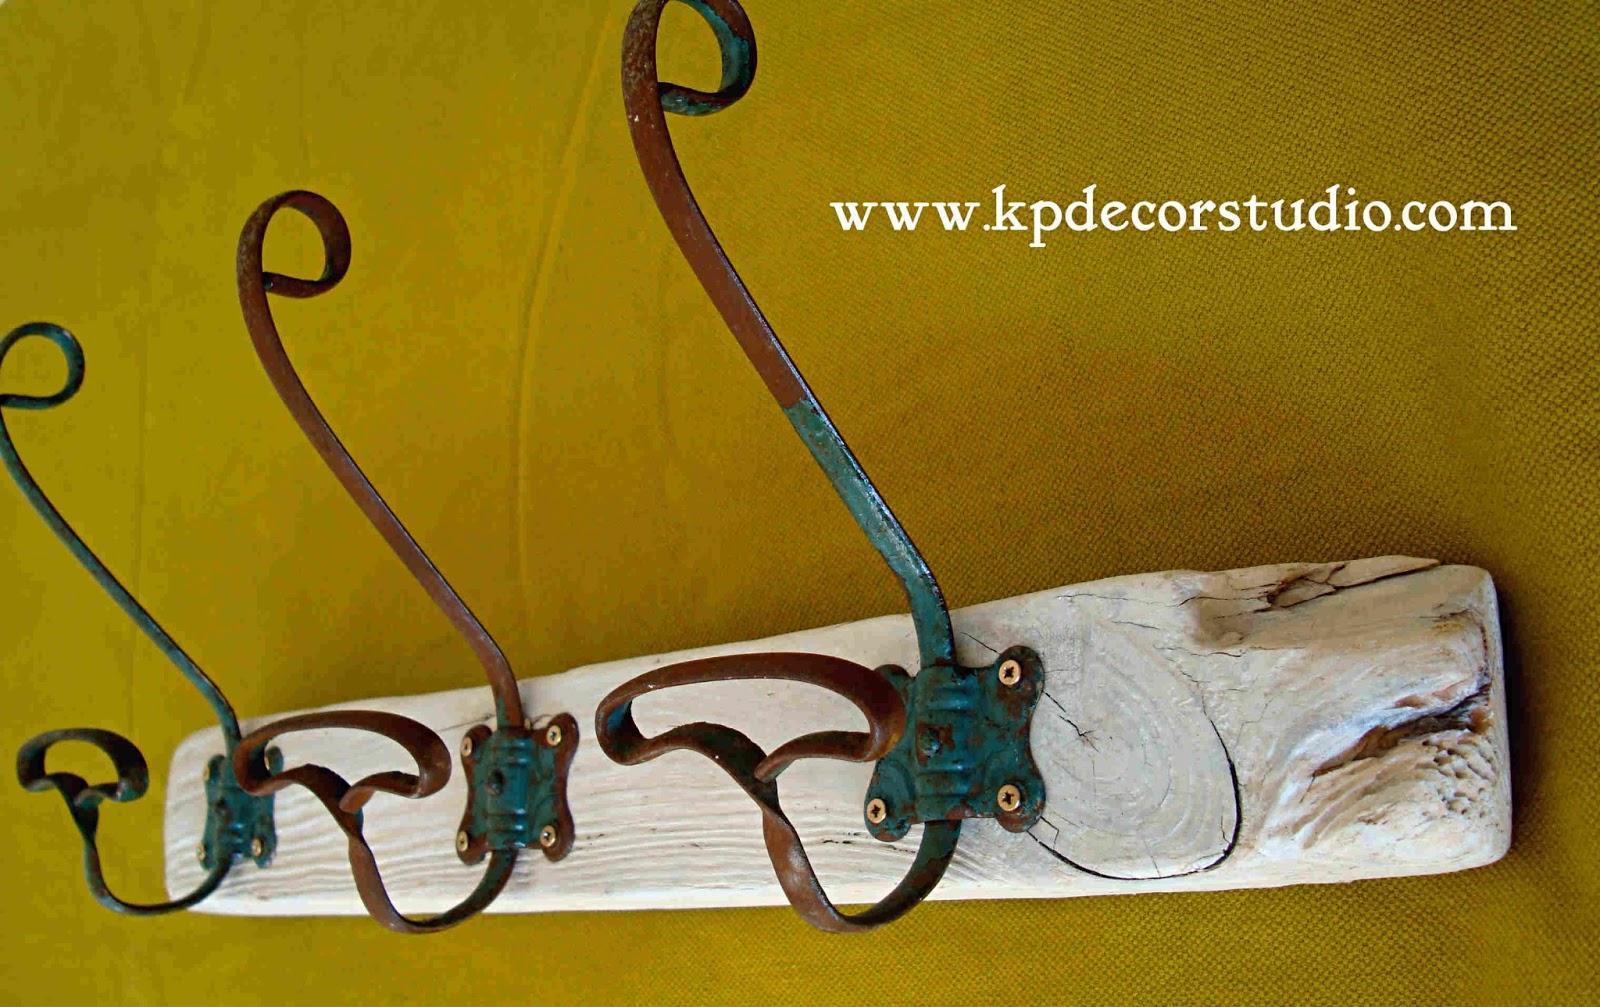 Kp tienda vintage online perchero artesanal de madera con - Perchas de madera blancas ...